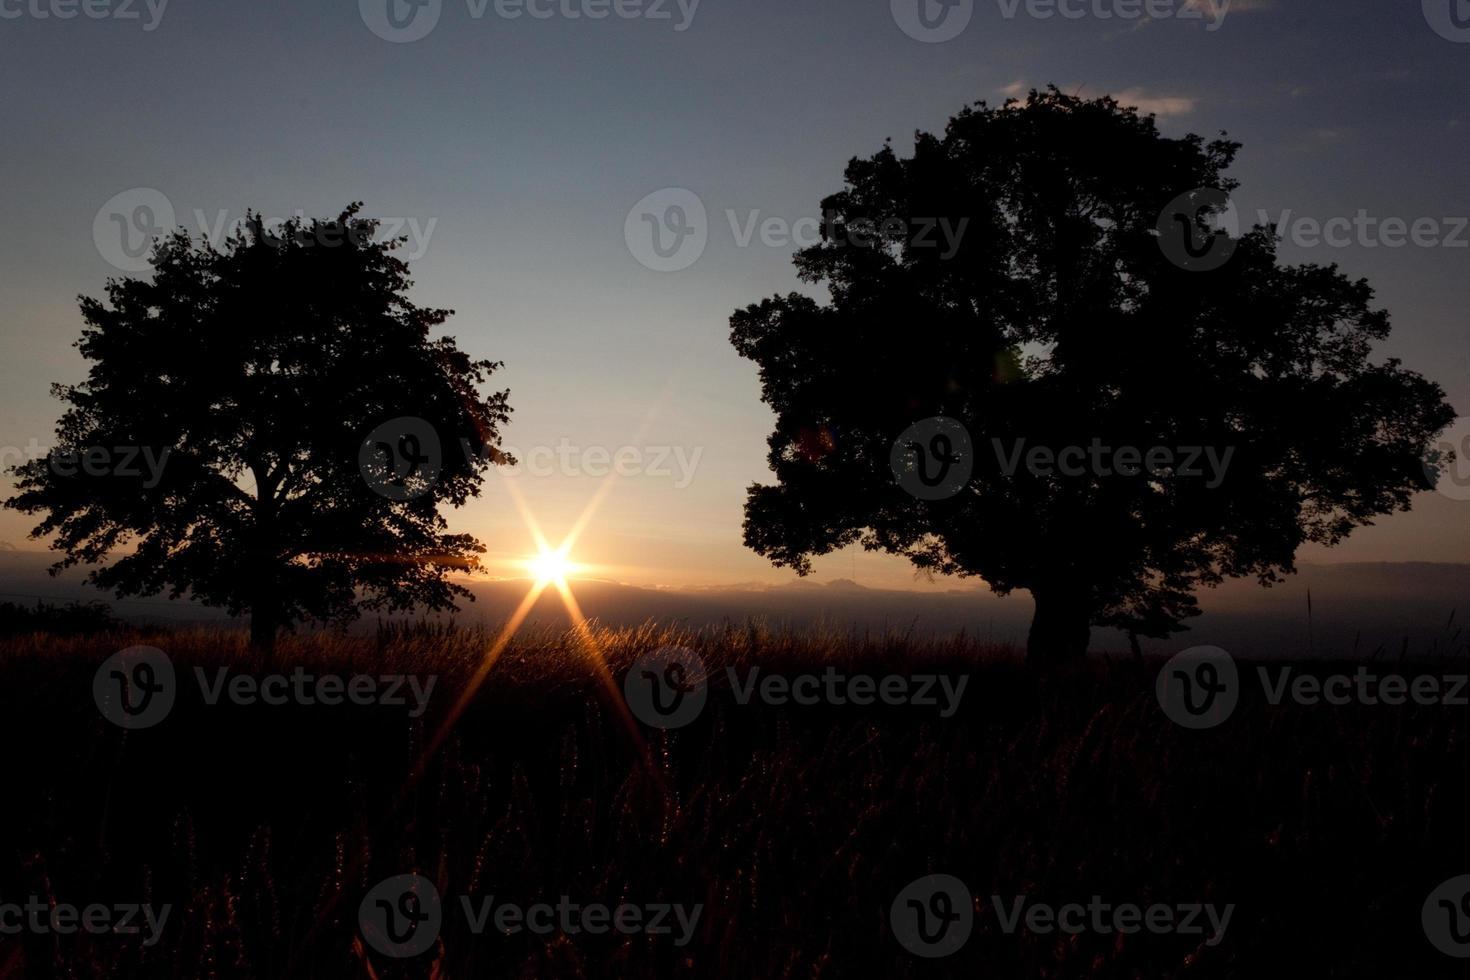 Sonnenuntergang - einsamer Baum und Sonne - Archivbild foto